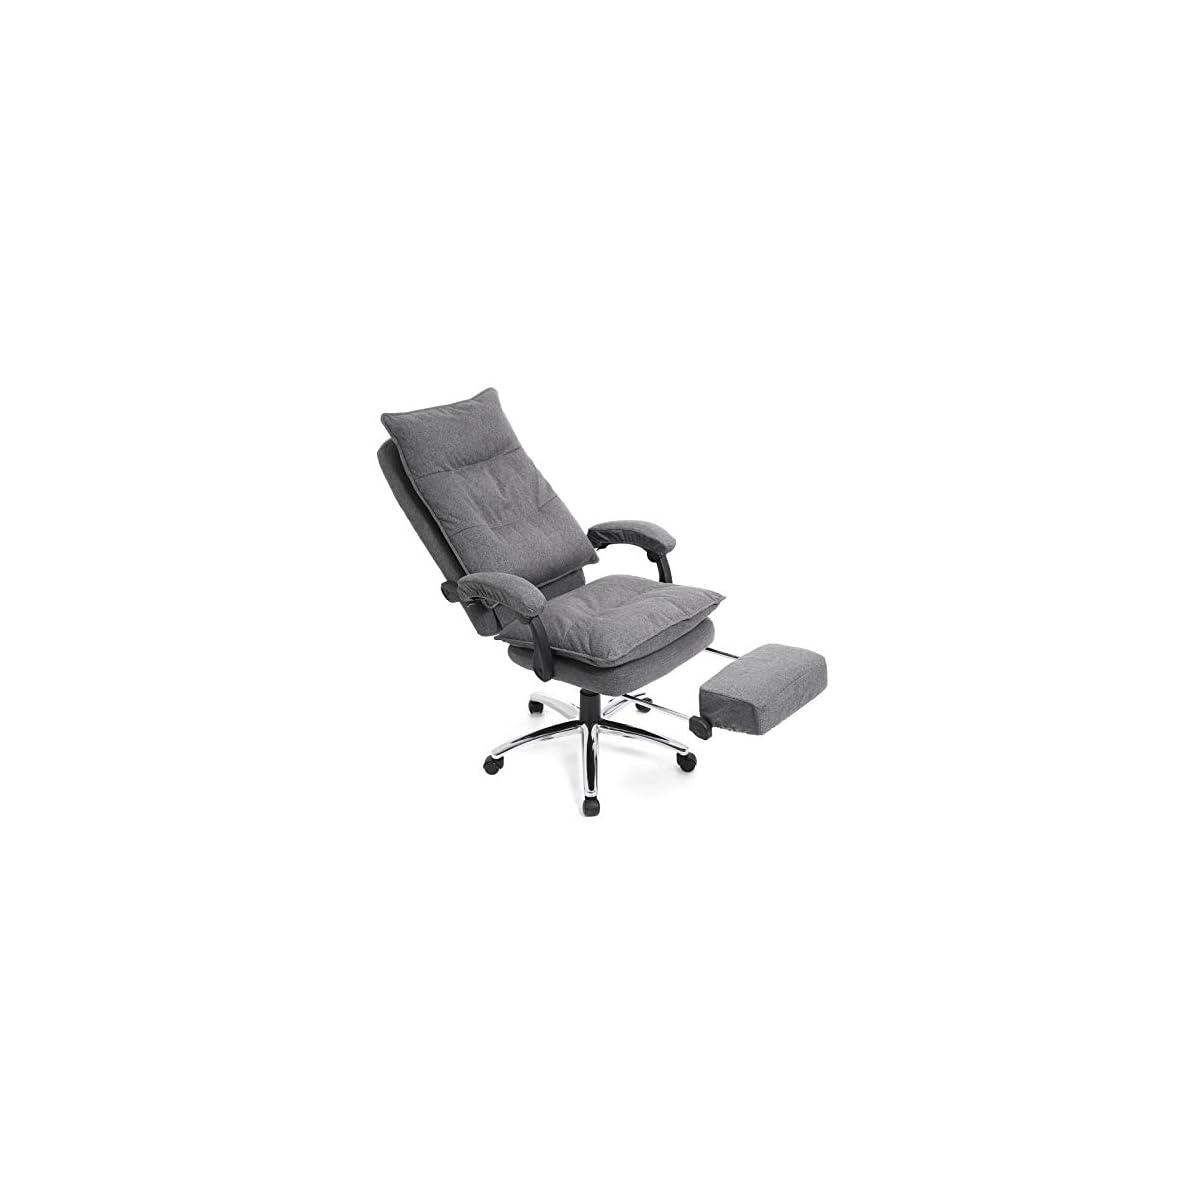 411DVfULBsL. SS1200  - SONGMICS Silla de Oficina con Asiento expandido, Altura Ajustable, Diseño ergonómico OBG78GY